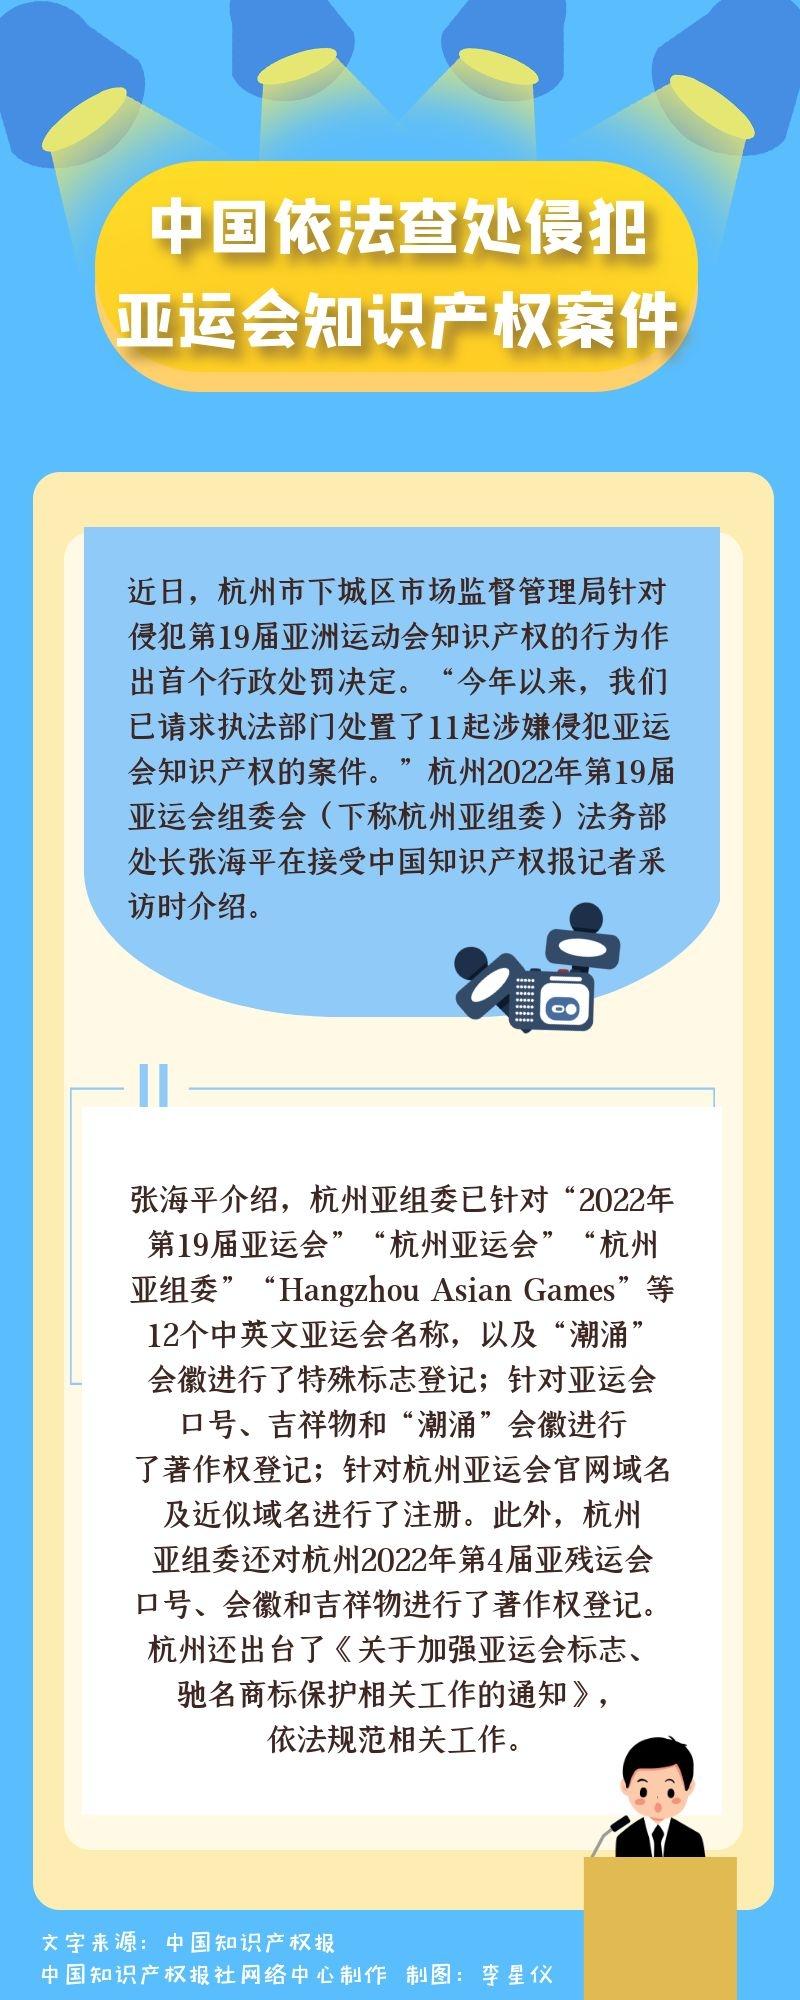 亚运会中文.jpg